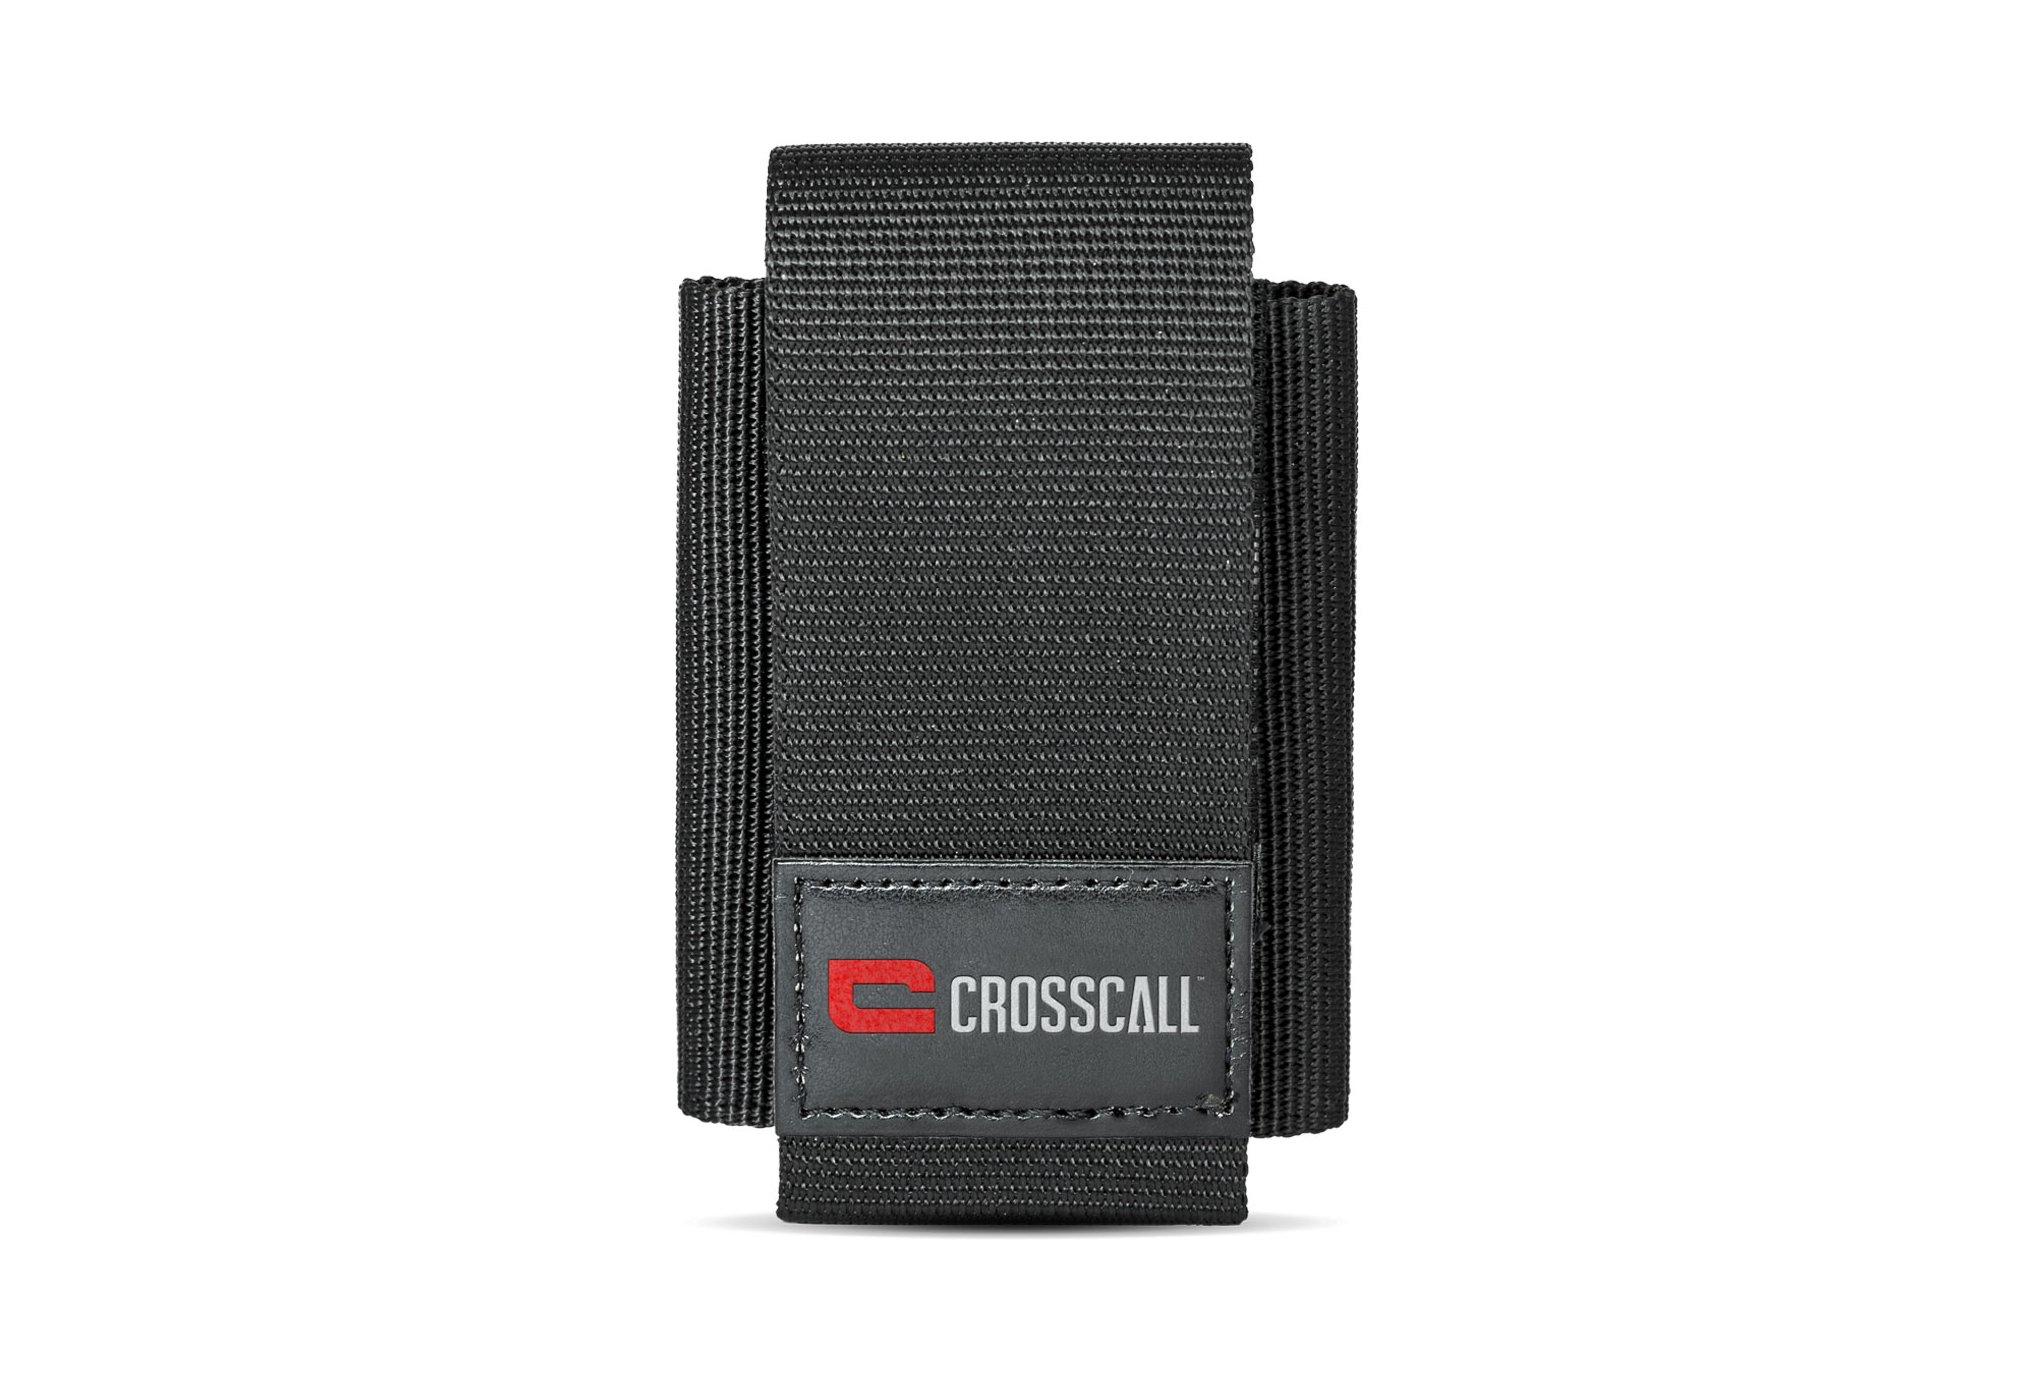 Crosscall Housse de protection taille L Accessoires téléphone